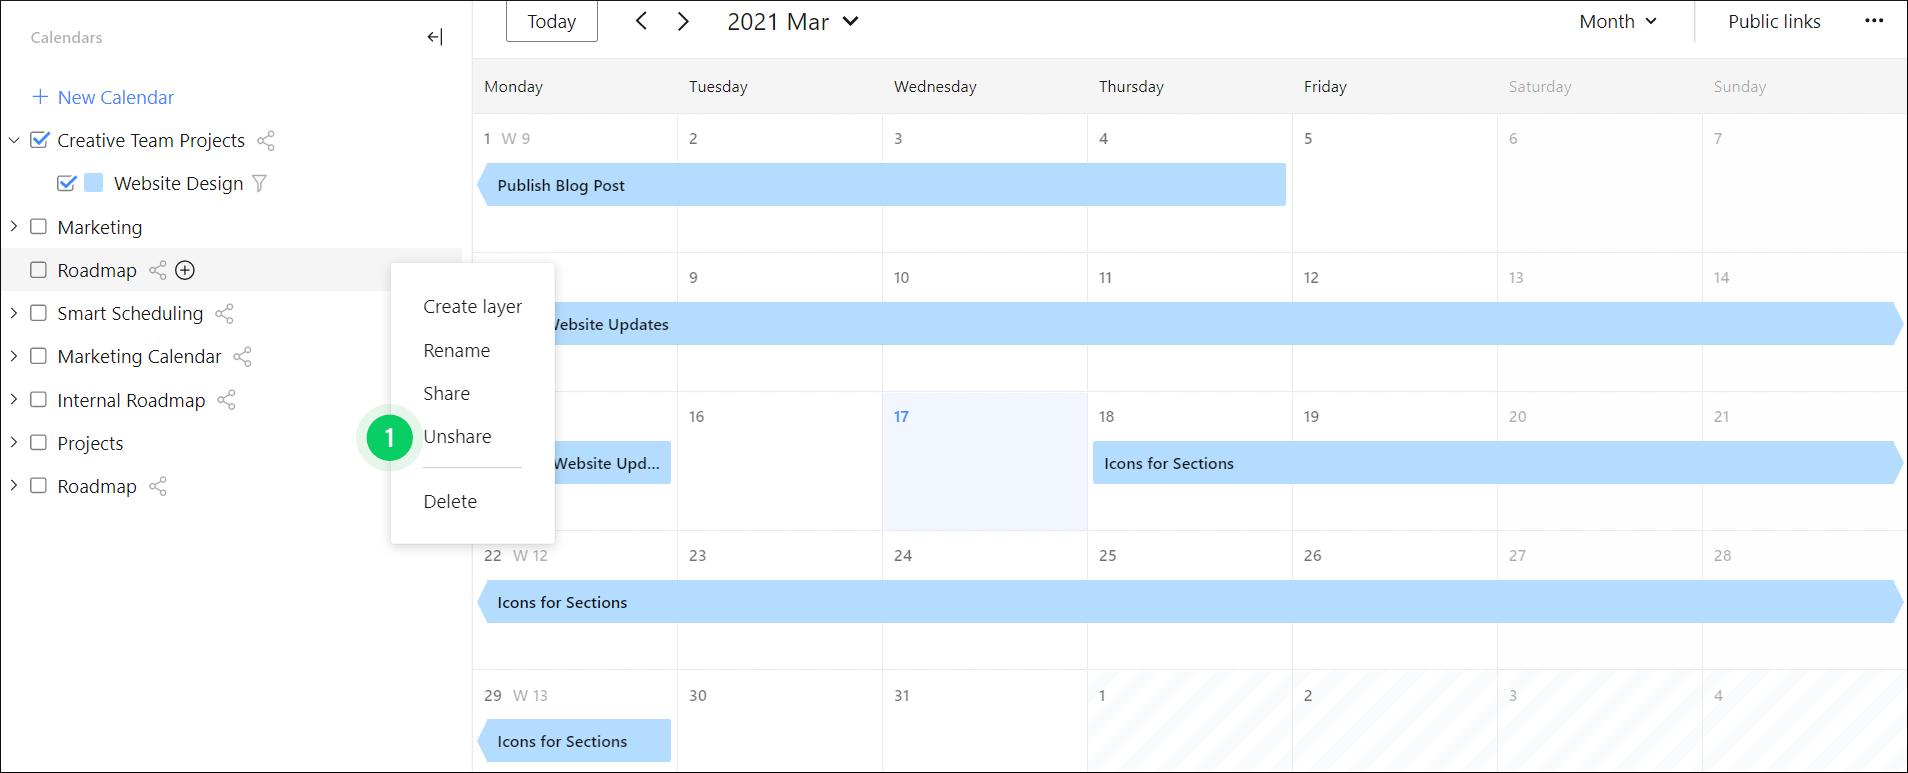 Calendars_-_Unshare_calendar.png